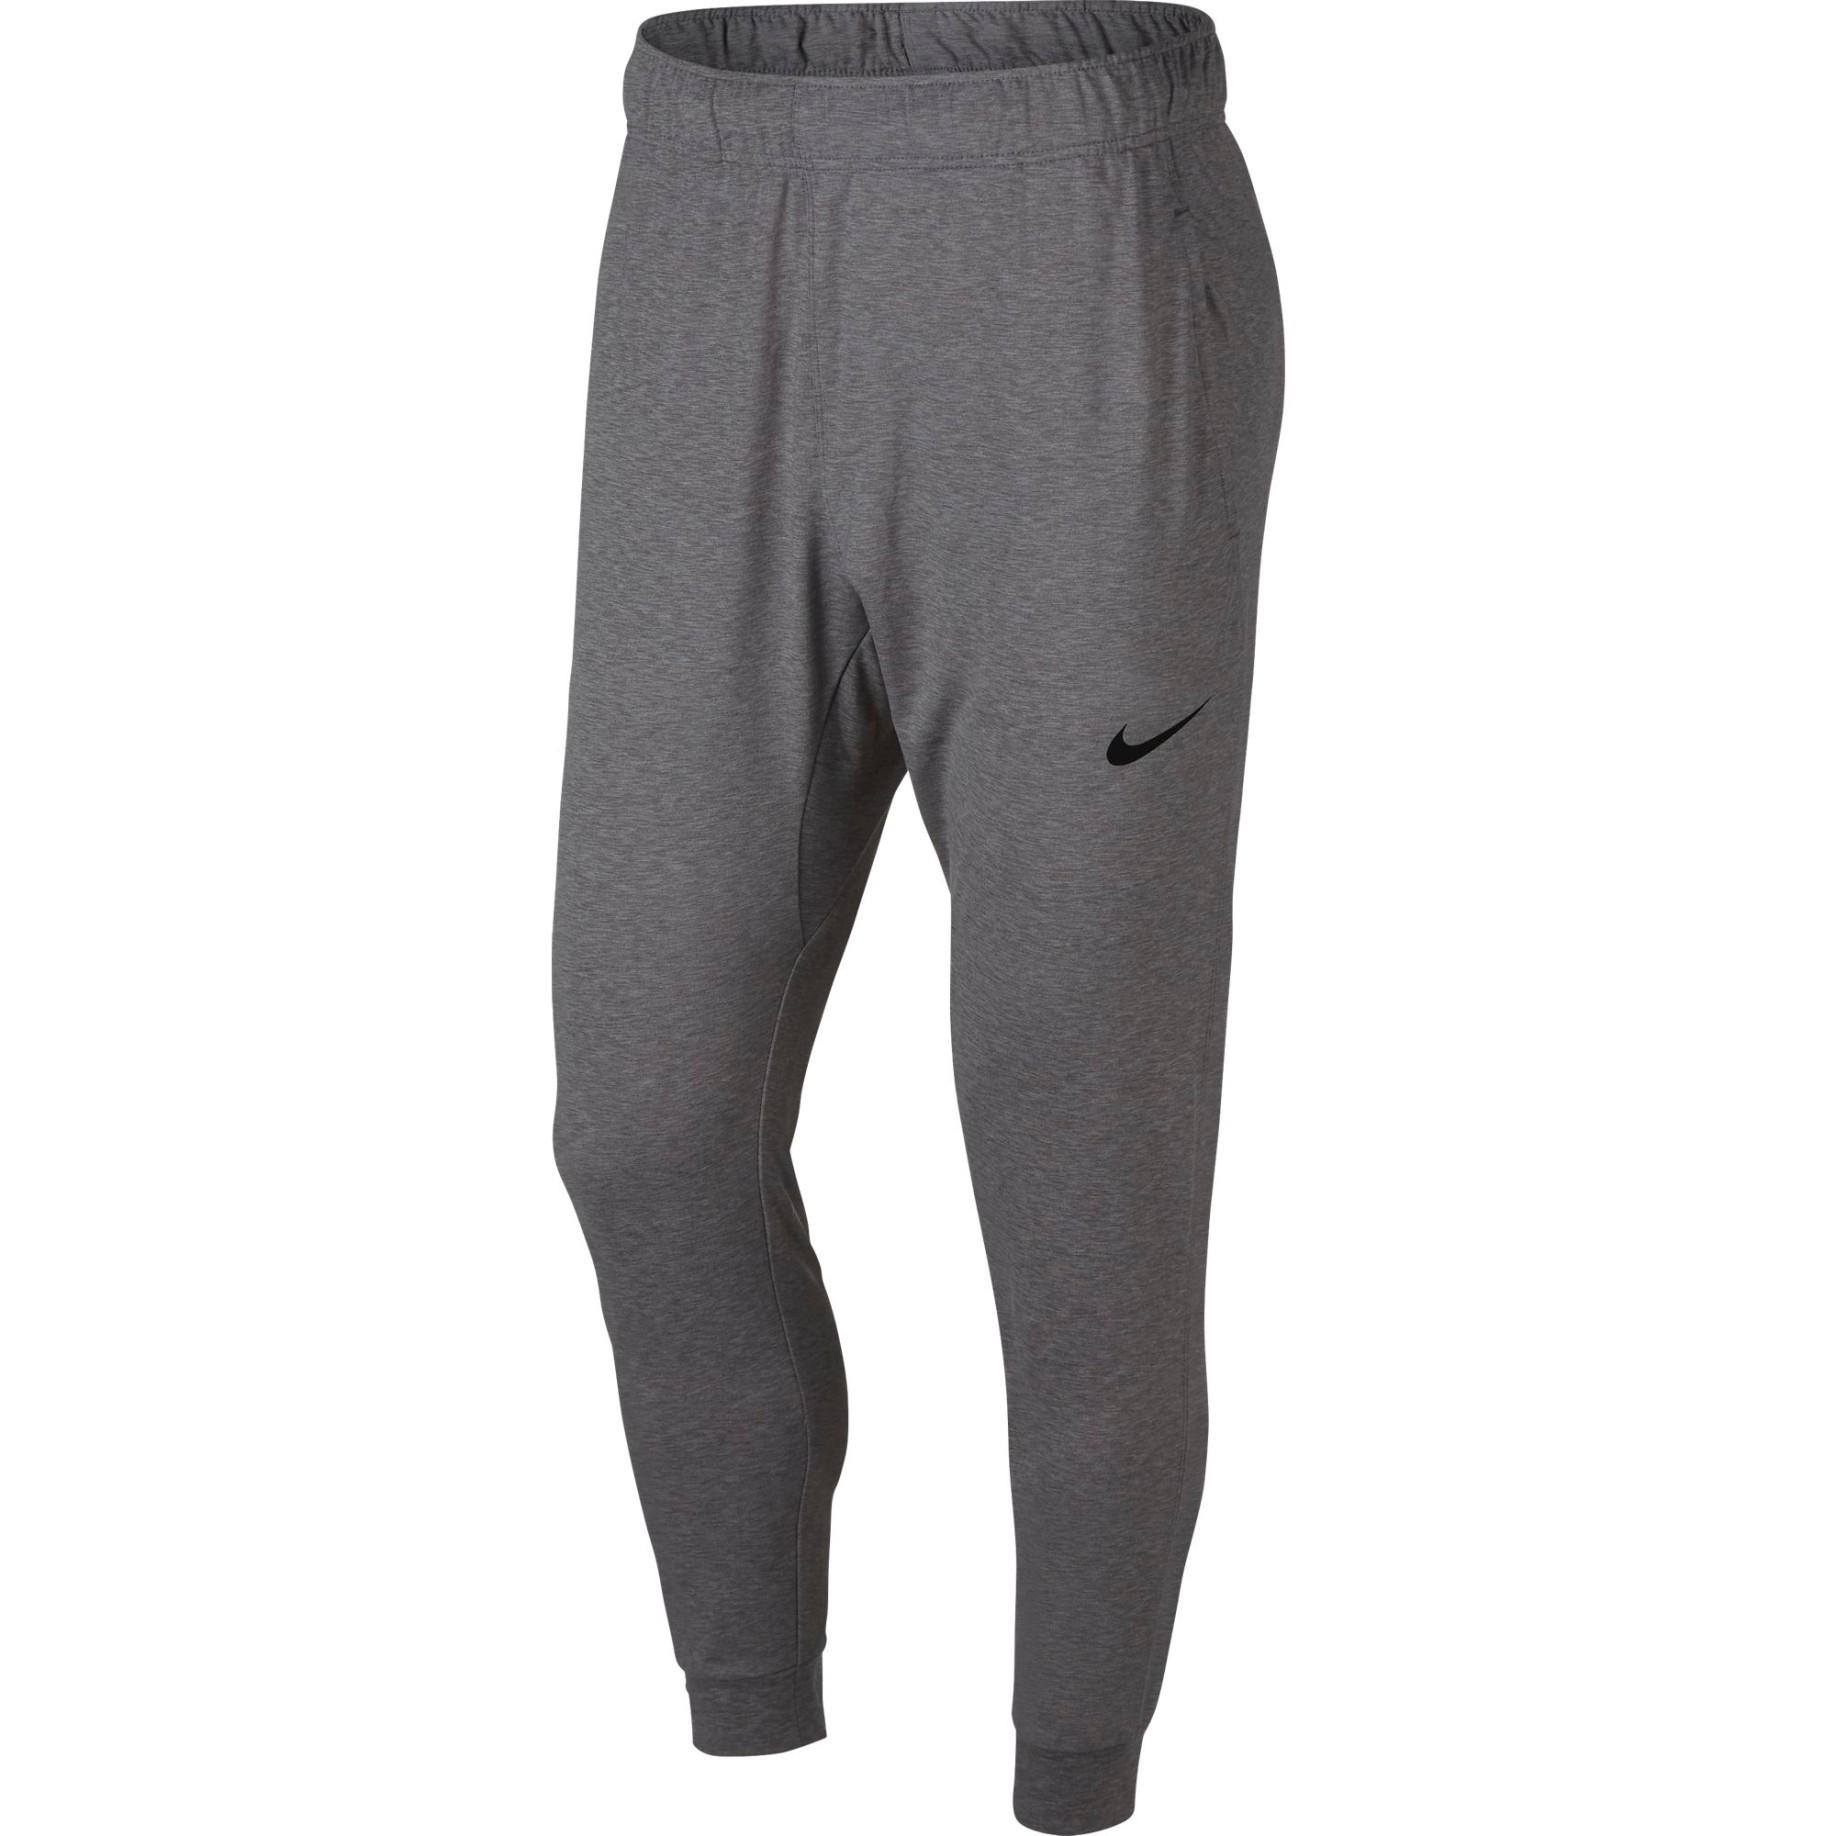 nike dri-fit pants pantaloni